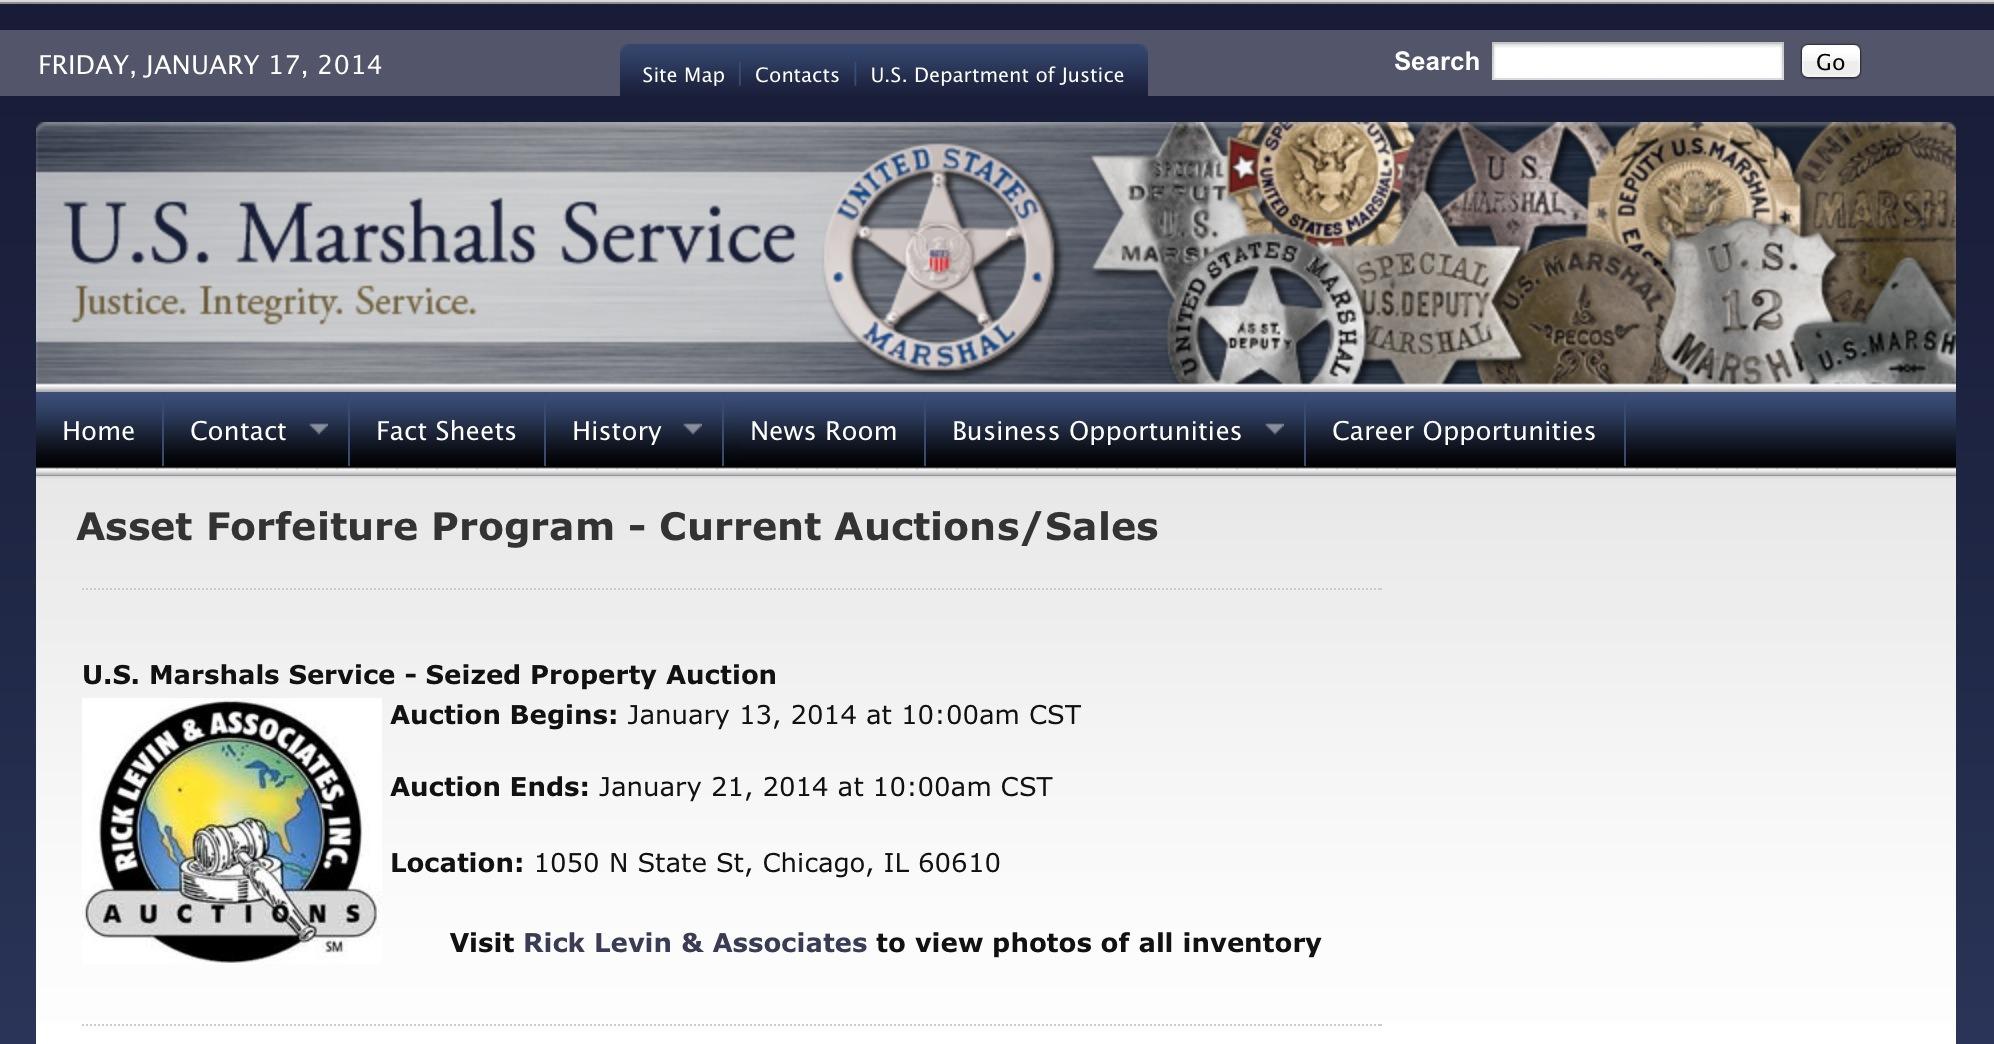 Screen Shot 2014-01-17 at 1.21.11 PM